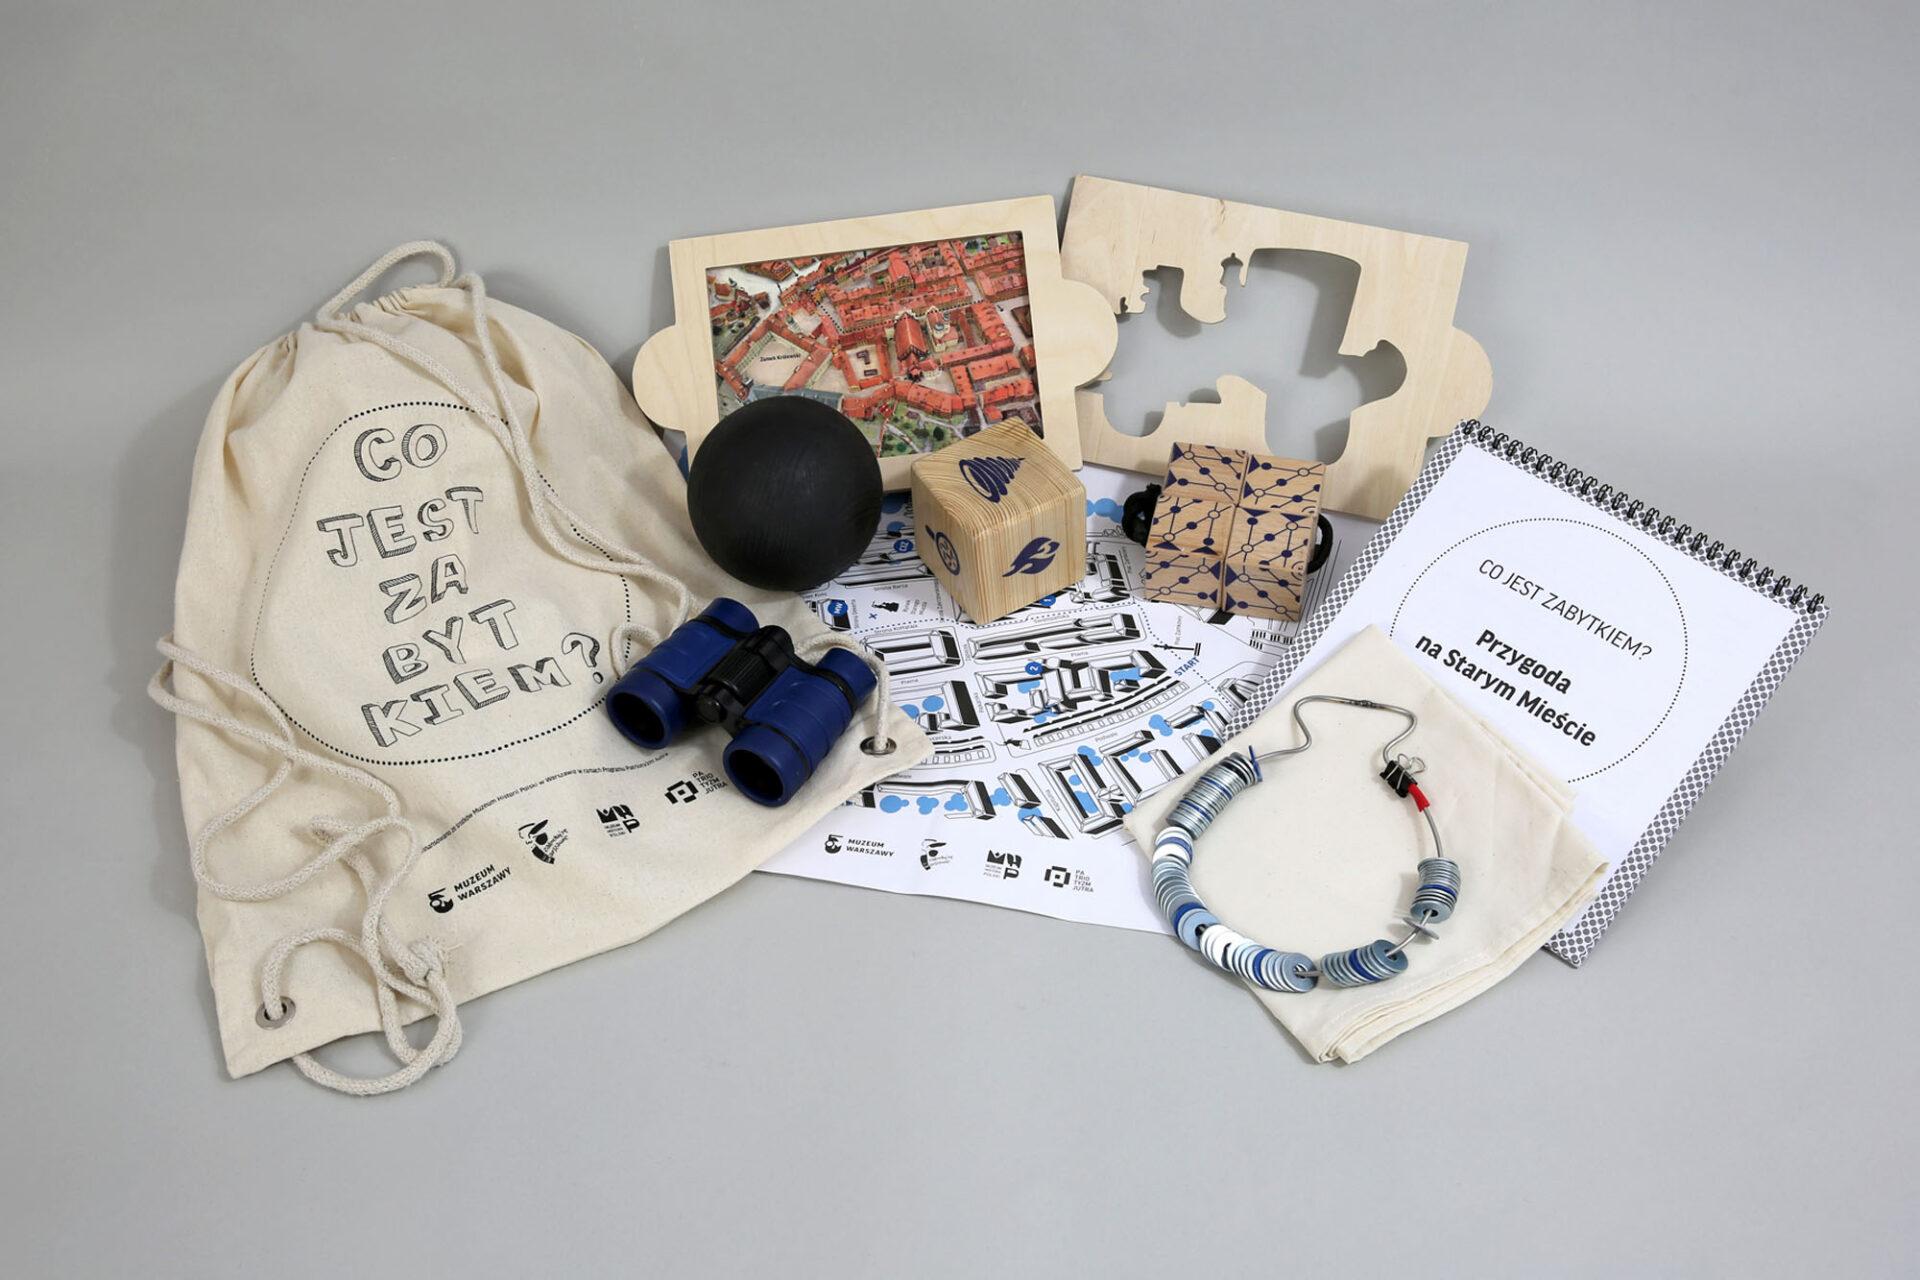 Zdjęcie. Naszarym tle rozłożone przedmioty. Płócienny plecak znapisem co jest zabytkiem, lornetka, mapa warszawy, notes, drewniane klocki, czarna piłka.